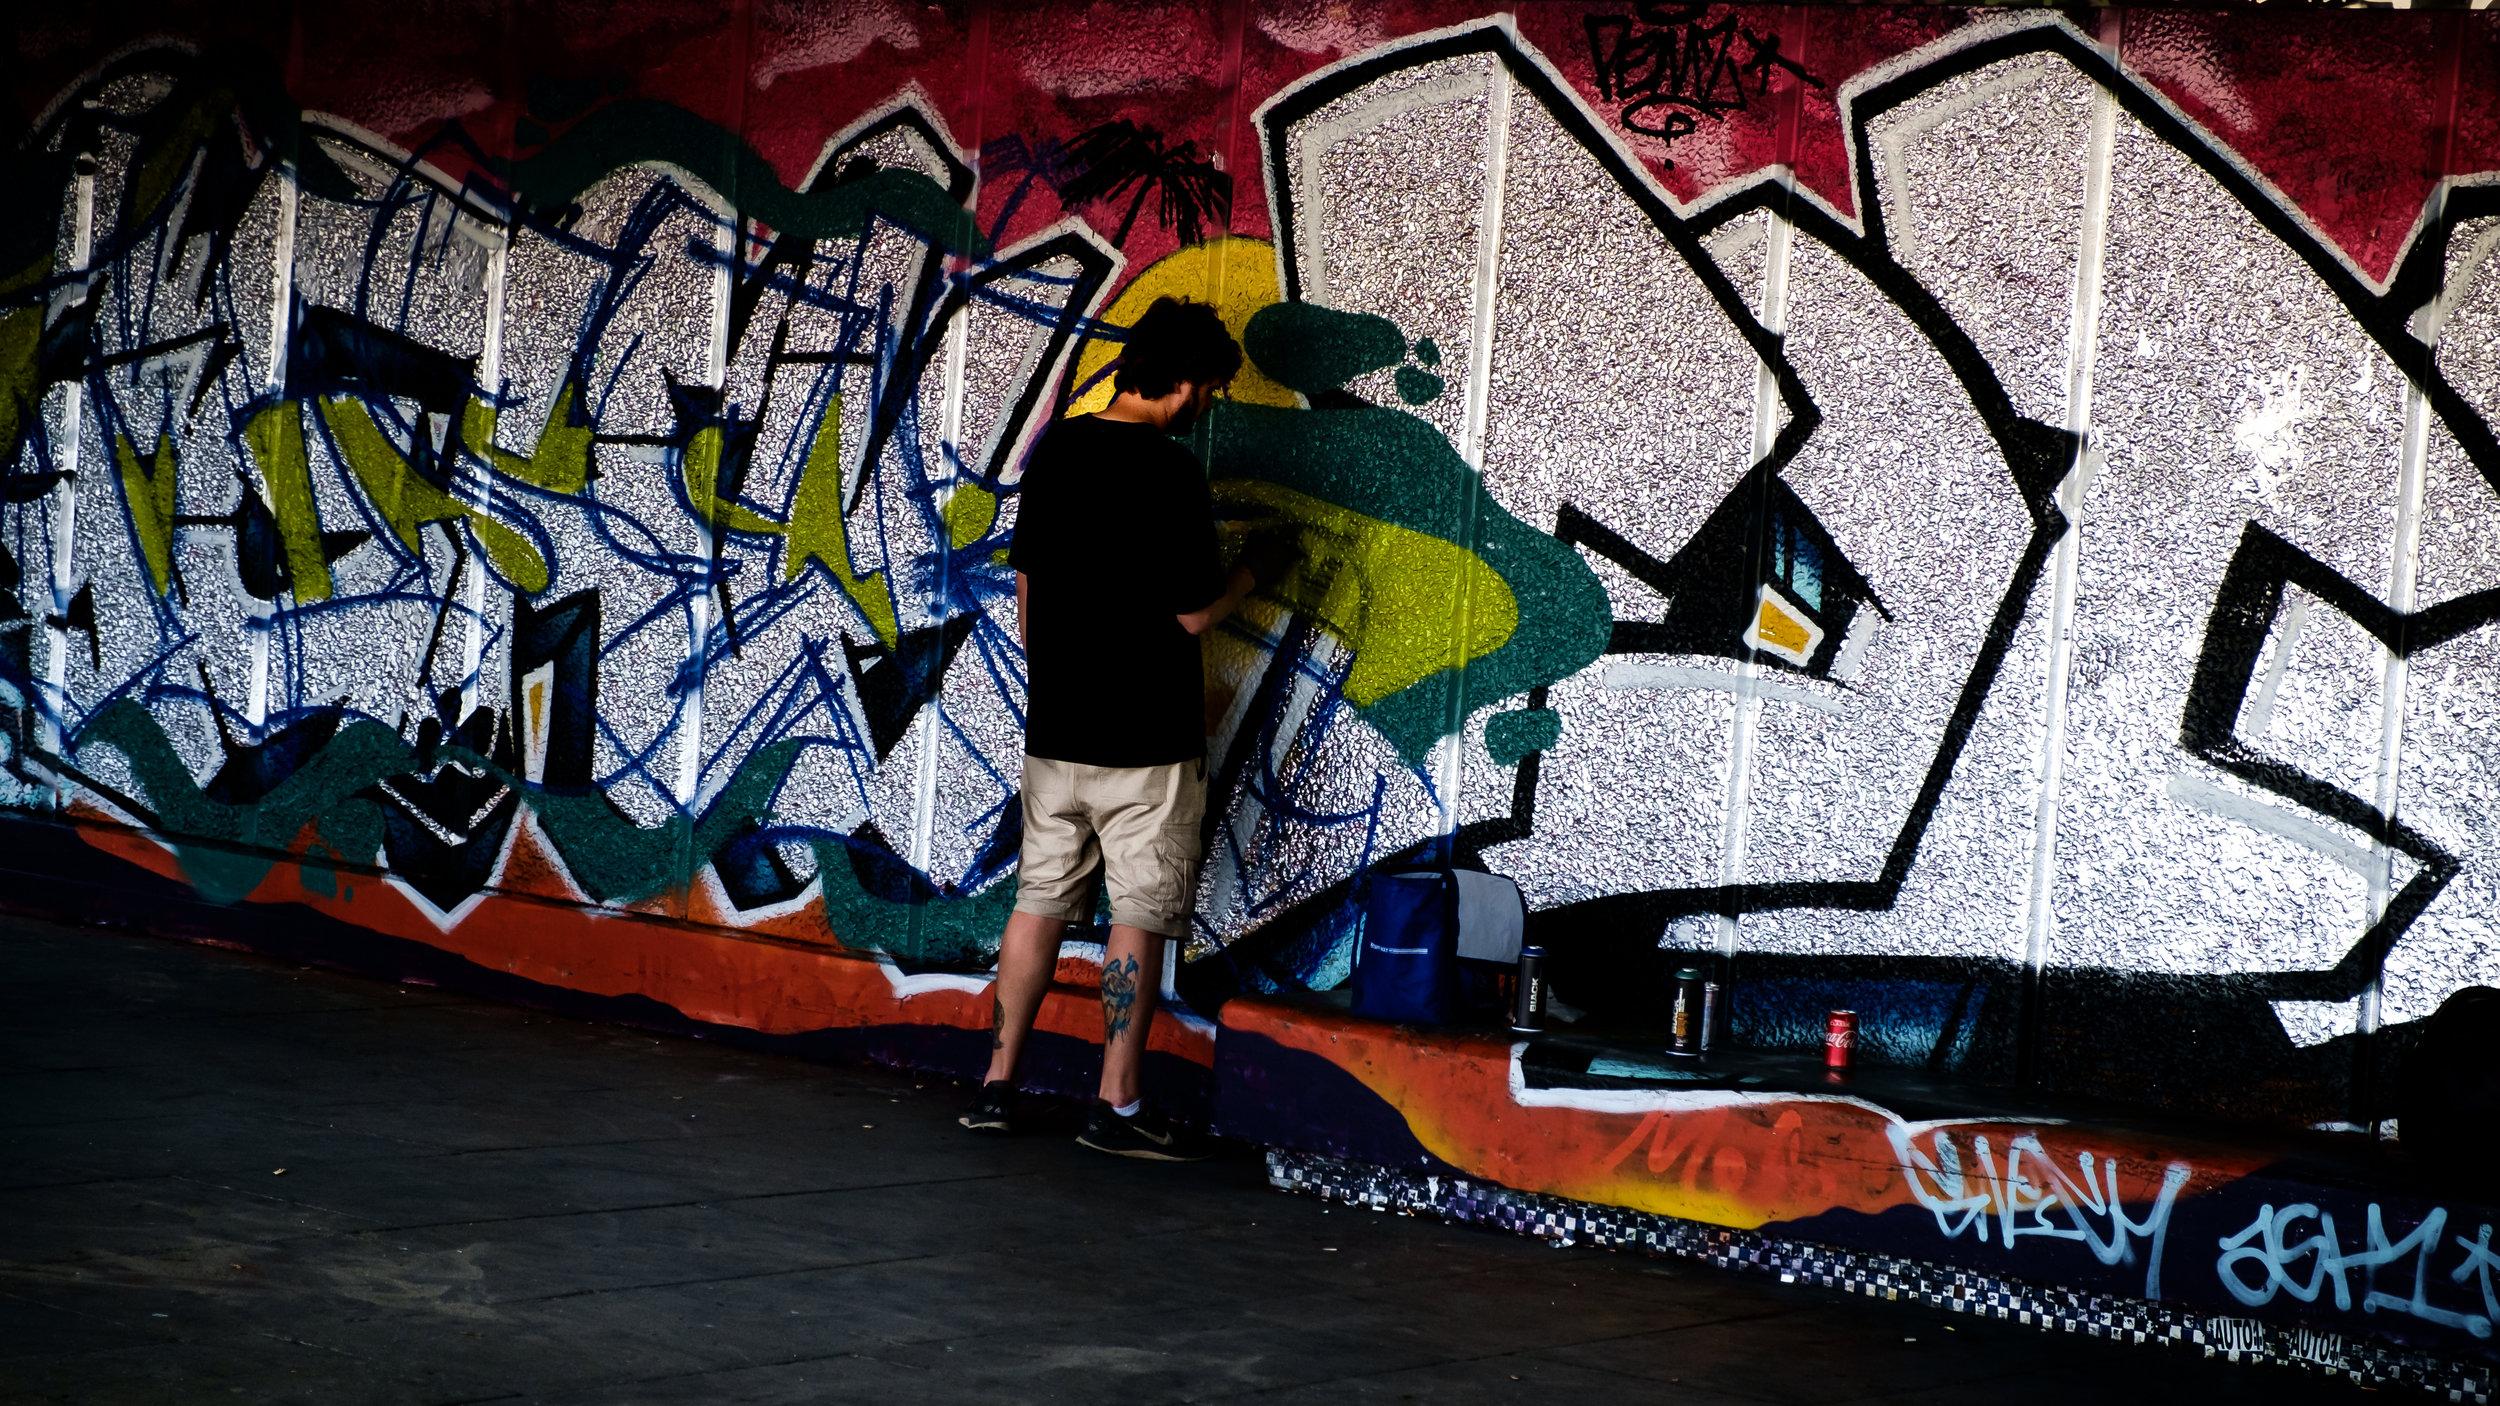 streetlonw:a_DSCF7514.jpg